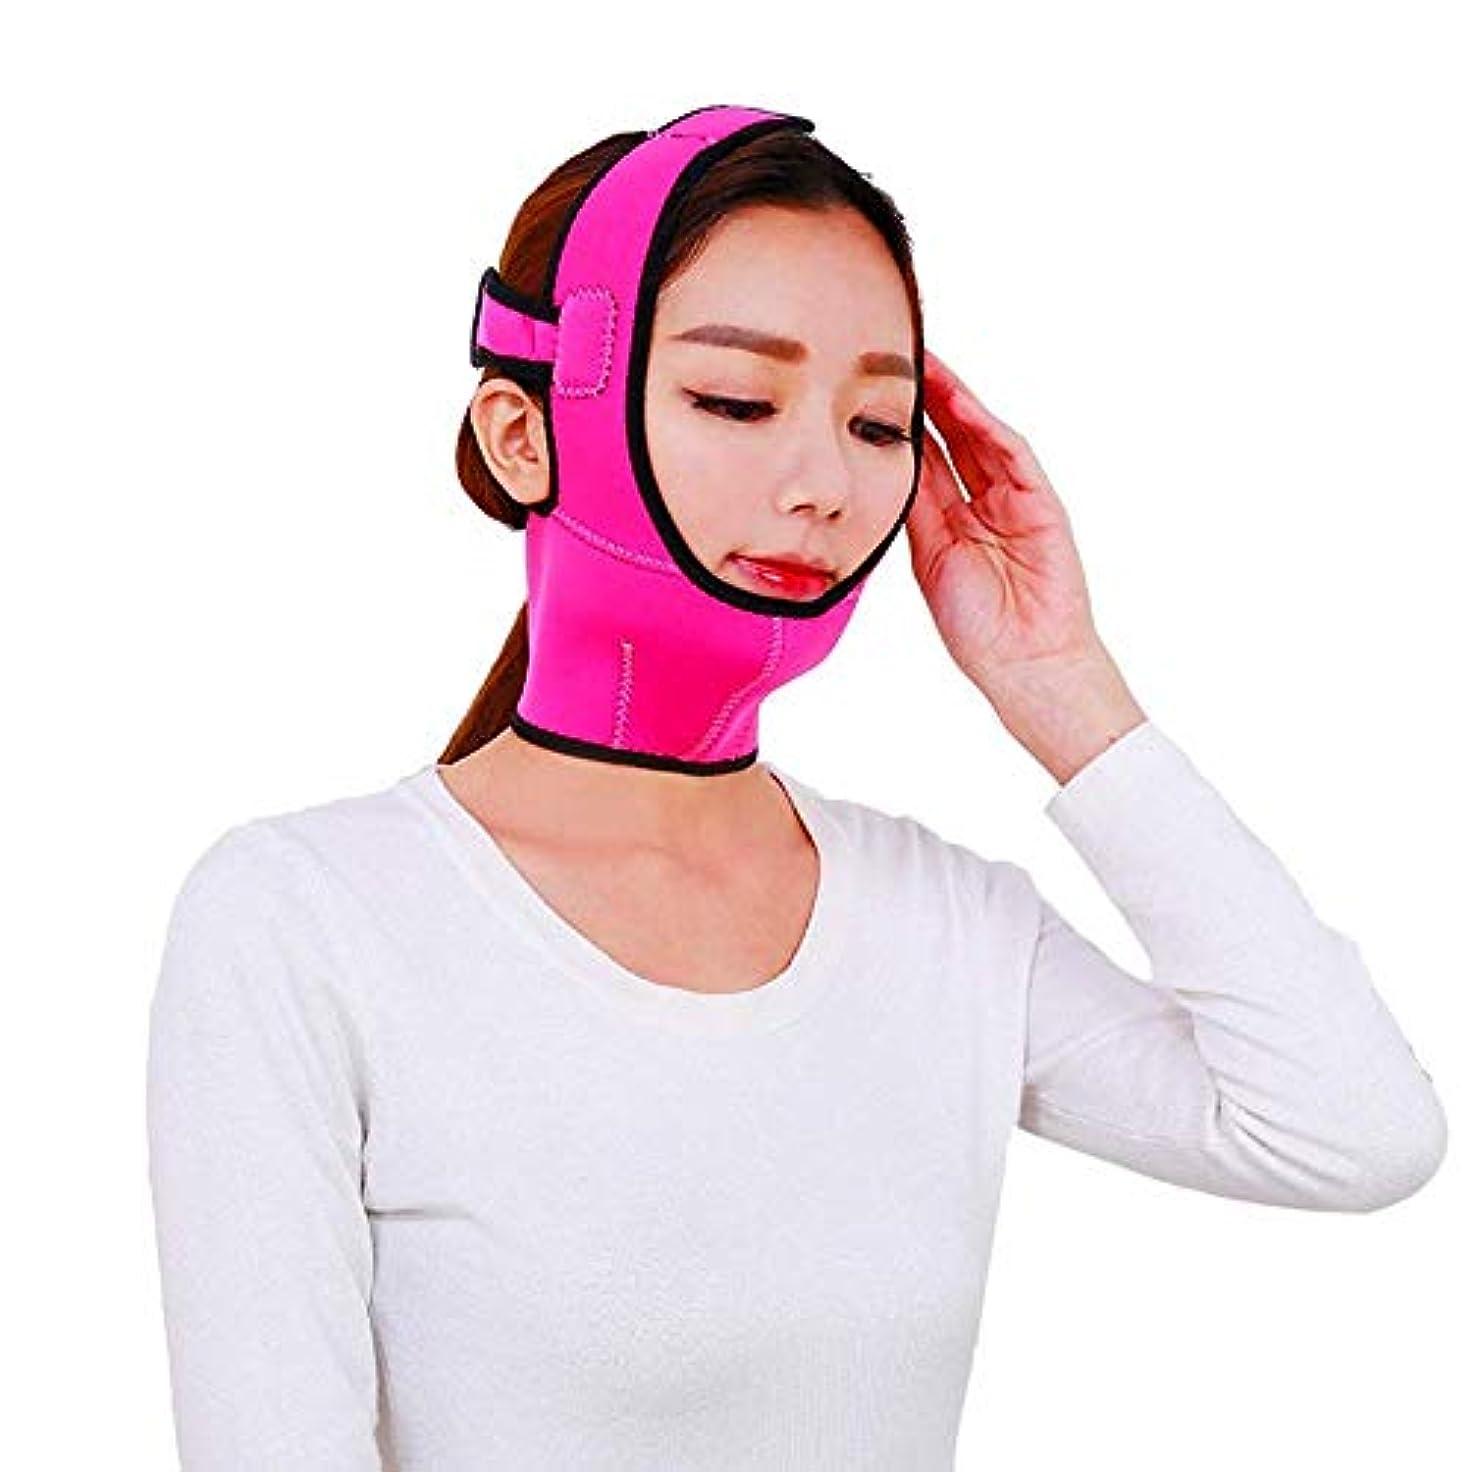 入る日付服二重あごの顔の持ち上がるマスクVfaceの顔の小さい顔の持ち上がる用具をきつく締める通気性の顔の持ち上がる包帯